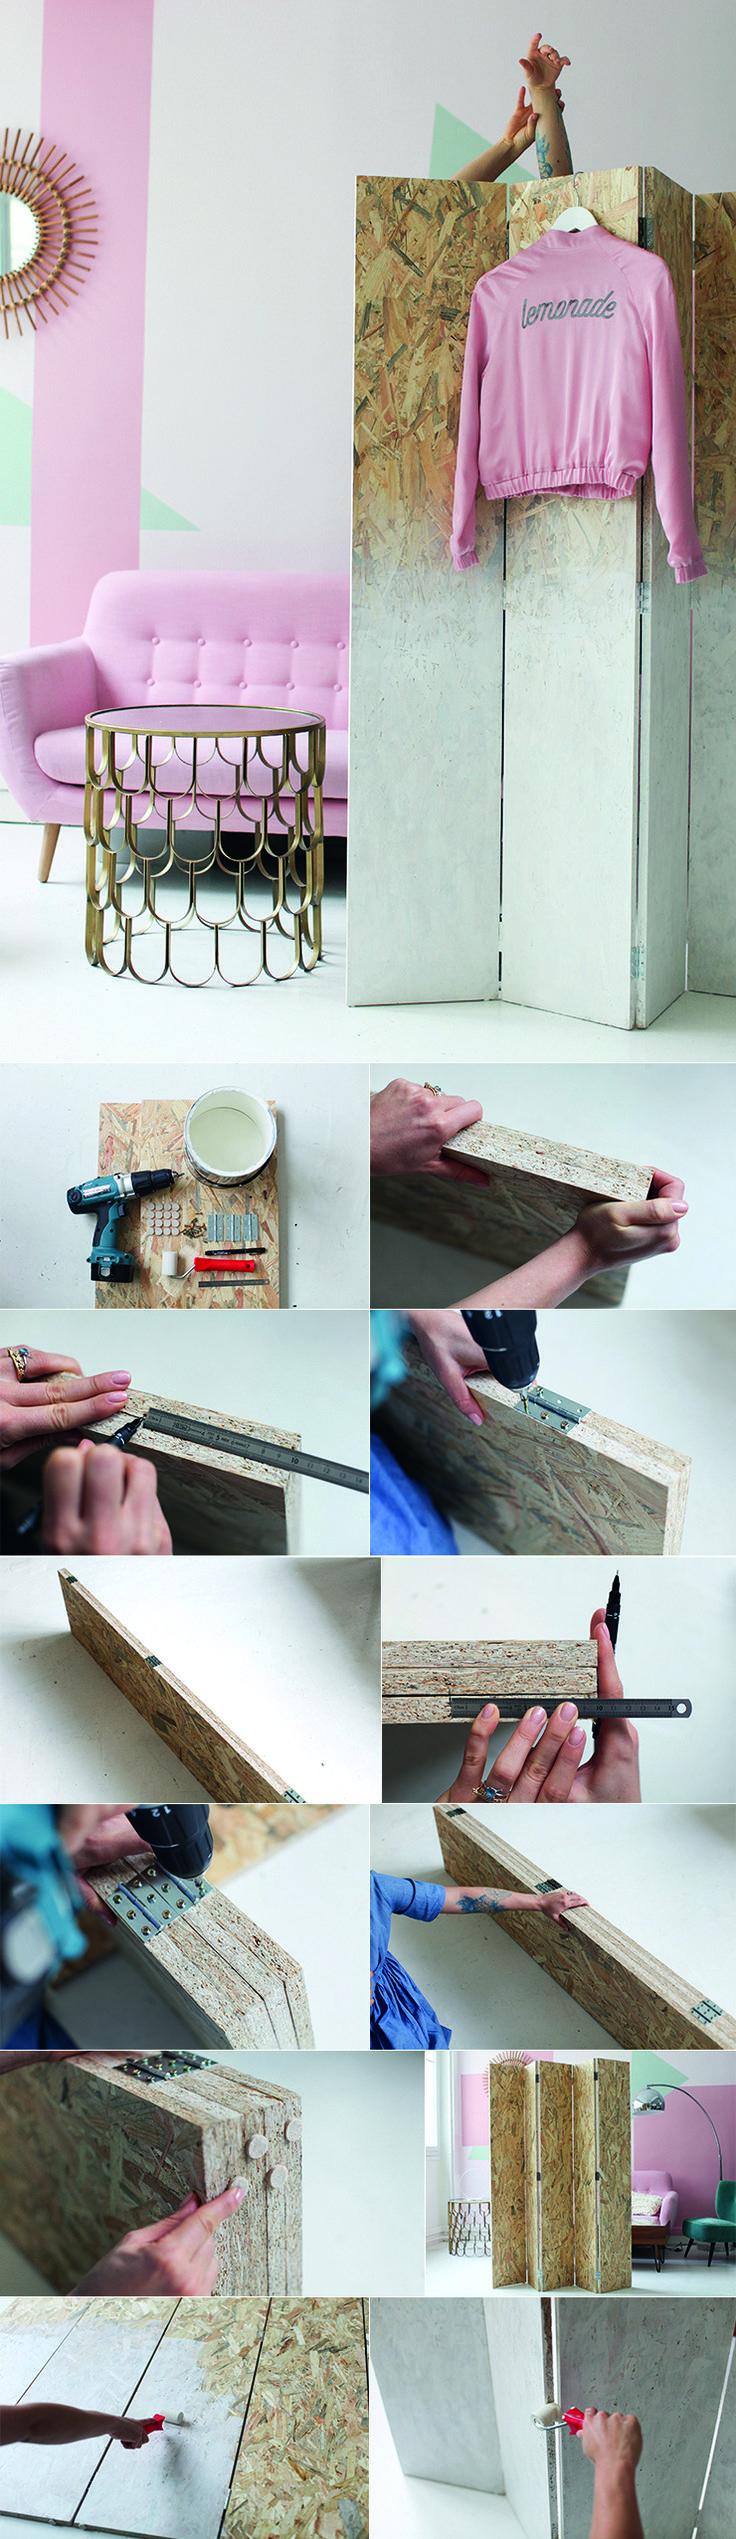 DIY PARAVENT http://makemylemonade.com/diy-paravent/